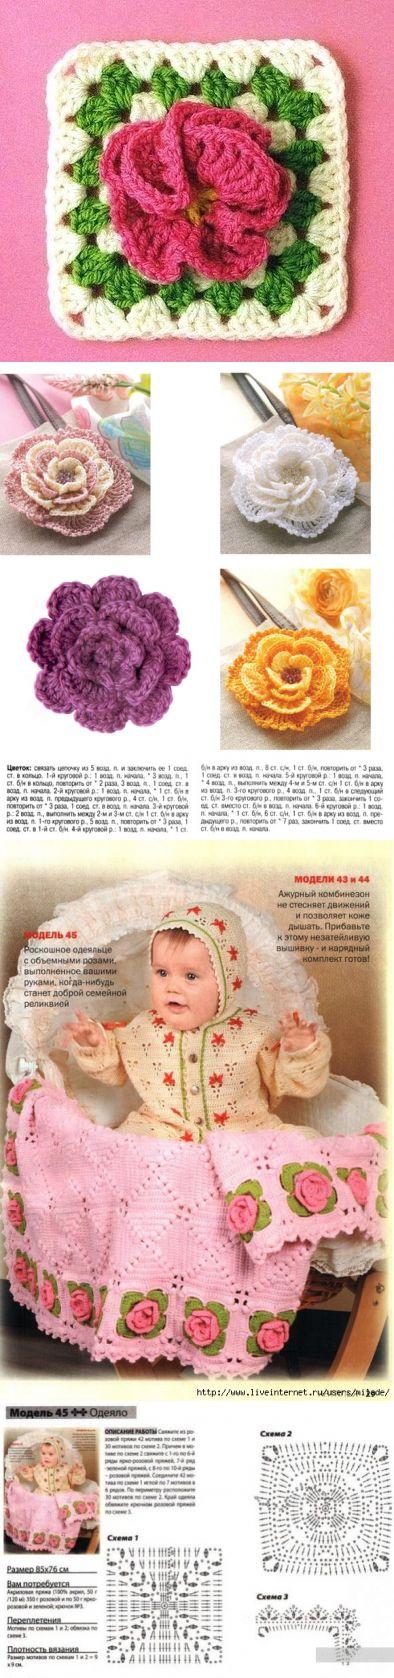 Костюмы для малыша «Цветочное дитя», с цветами.Автор работ Наталия Куликова.